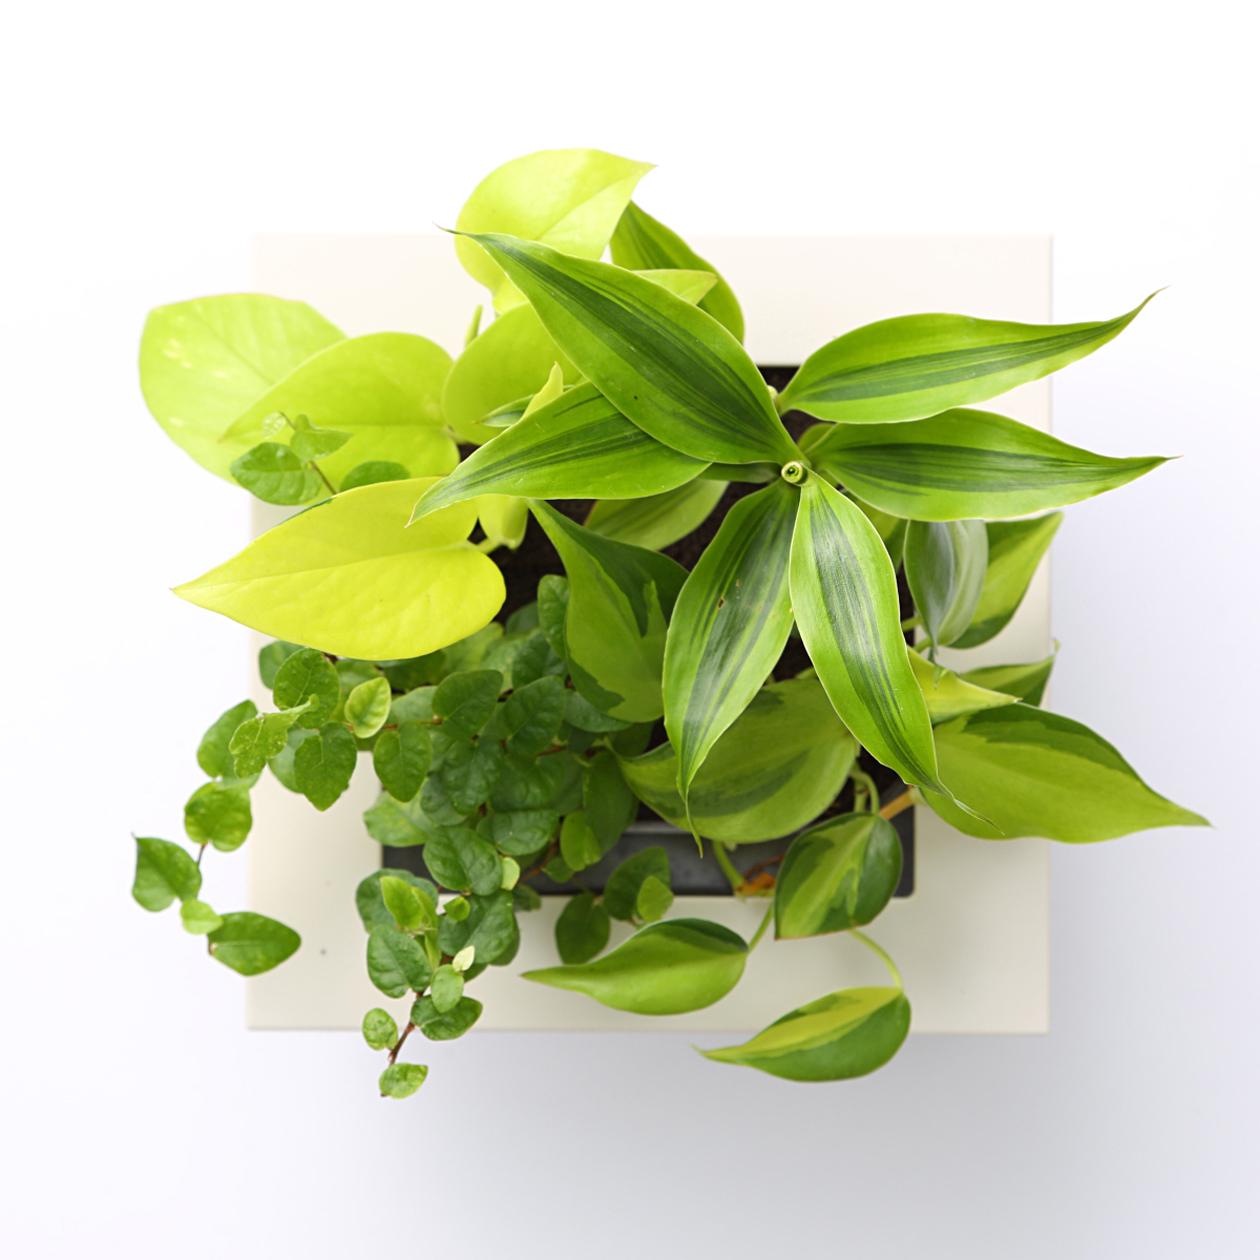 無印良品の壁にかけられる観葉植物のカンタン植え替え